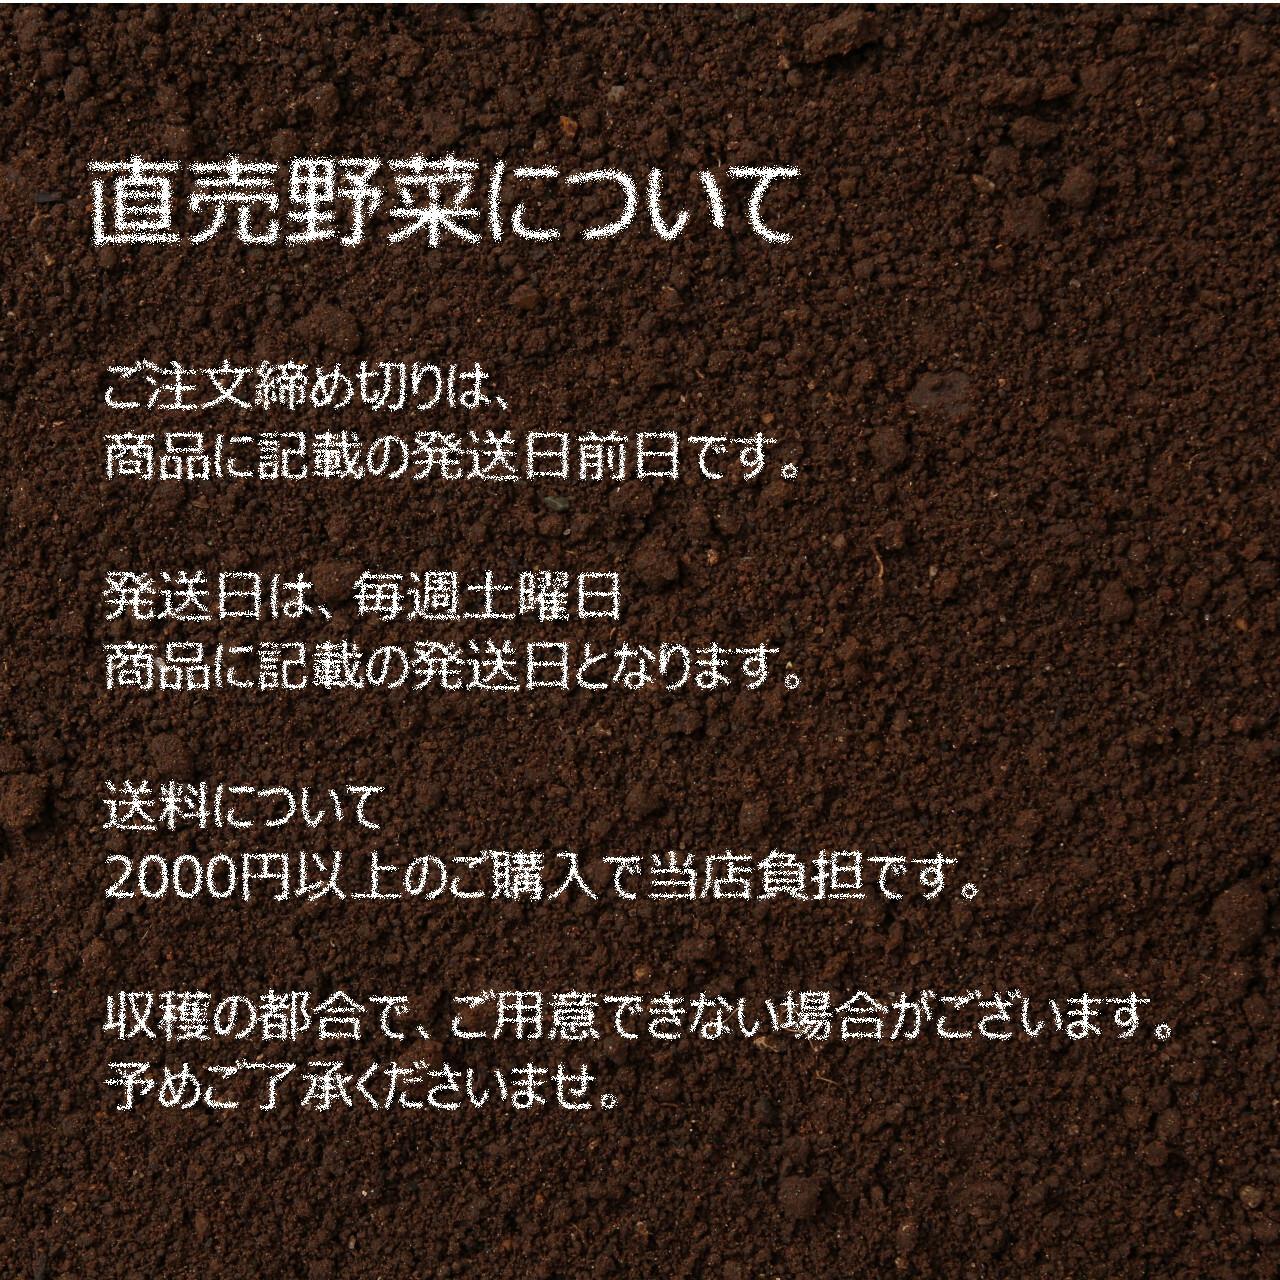 7月の新鮮な夏野菜 : ニラ 約200g  朝採り直売野菜 7月20日発送予定